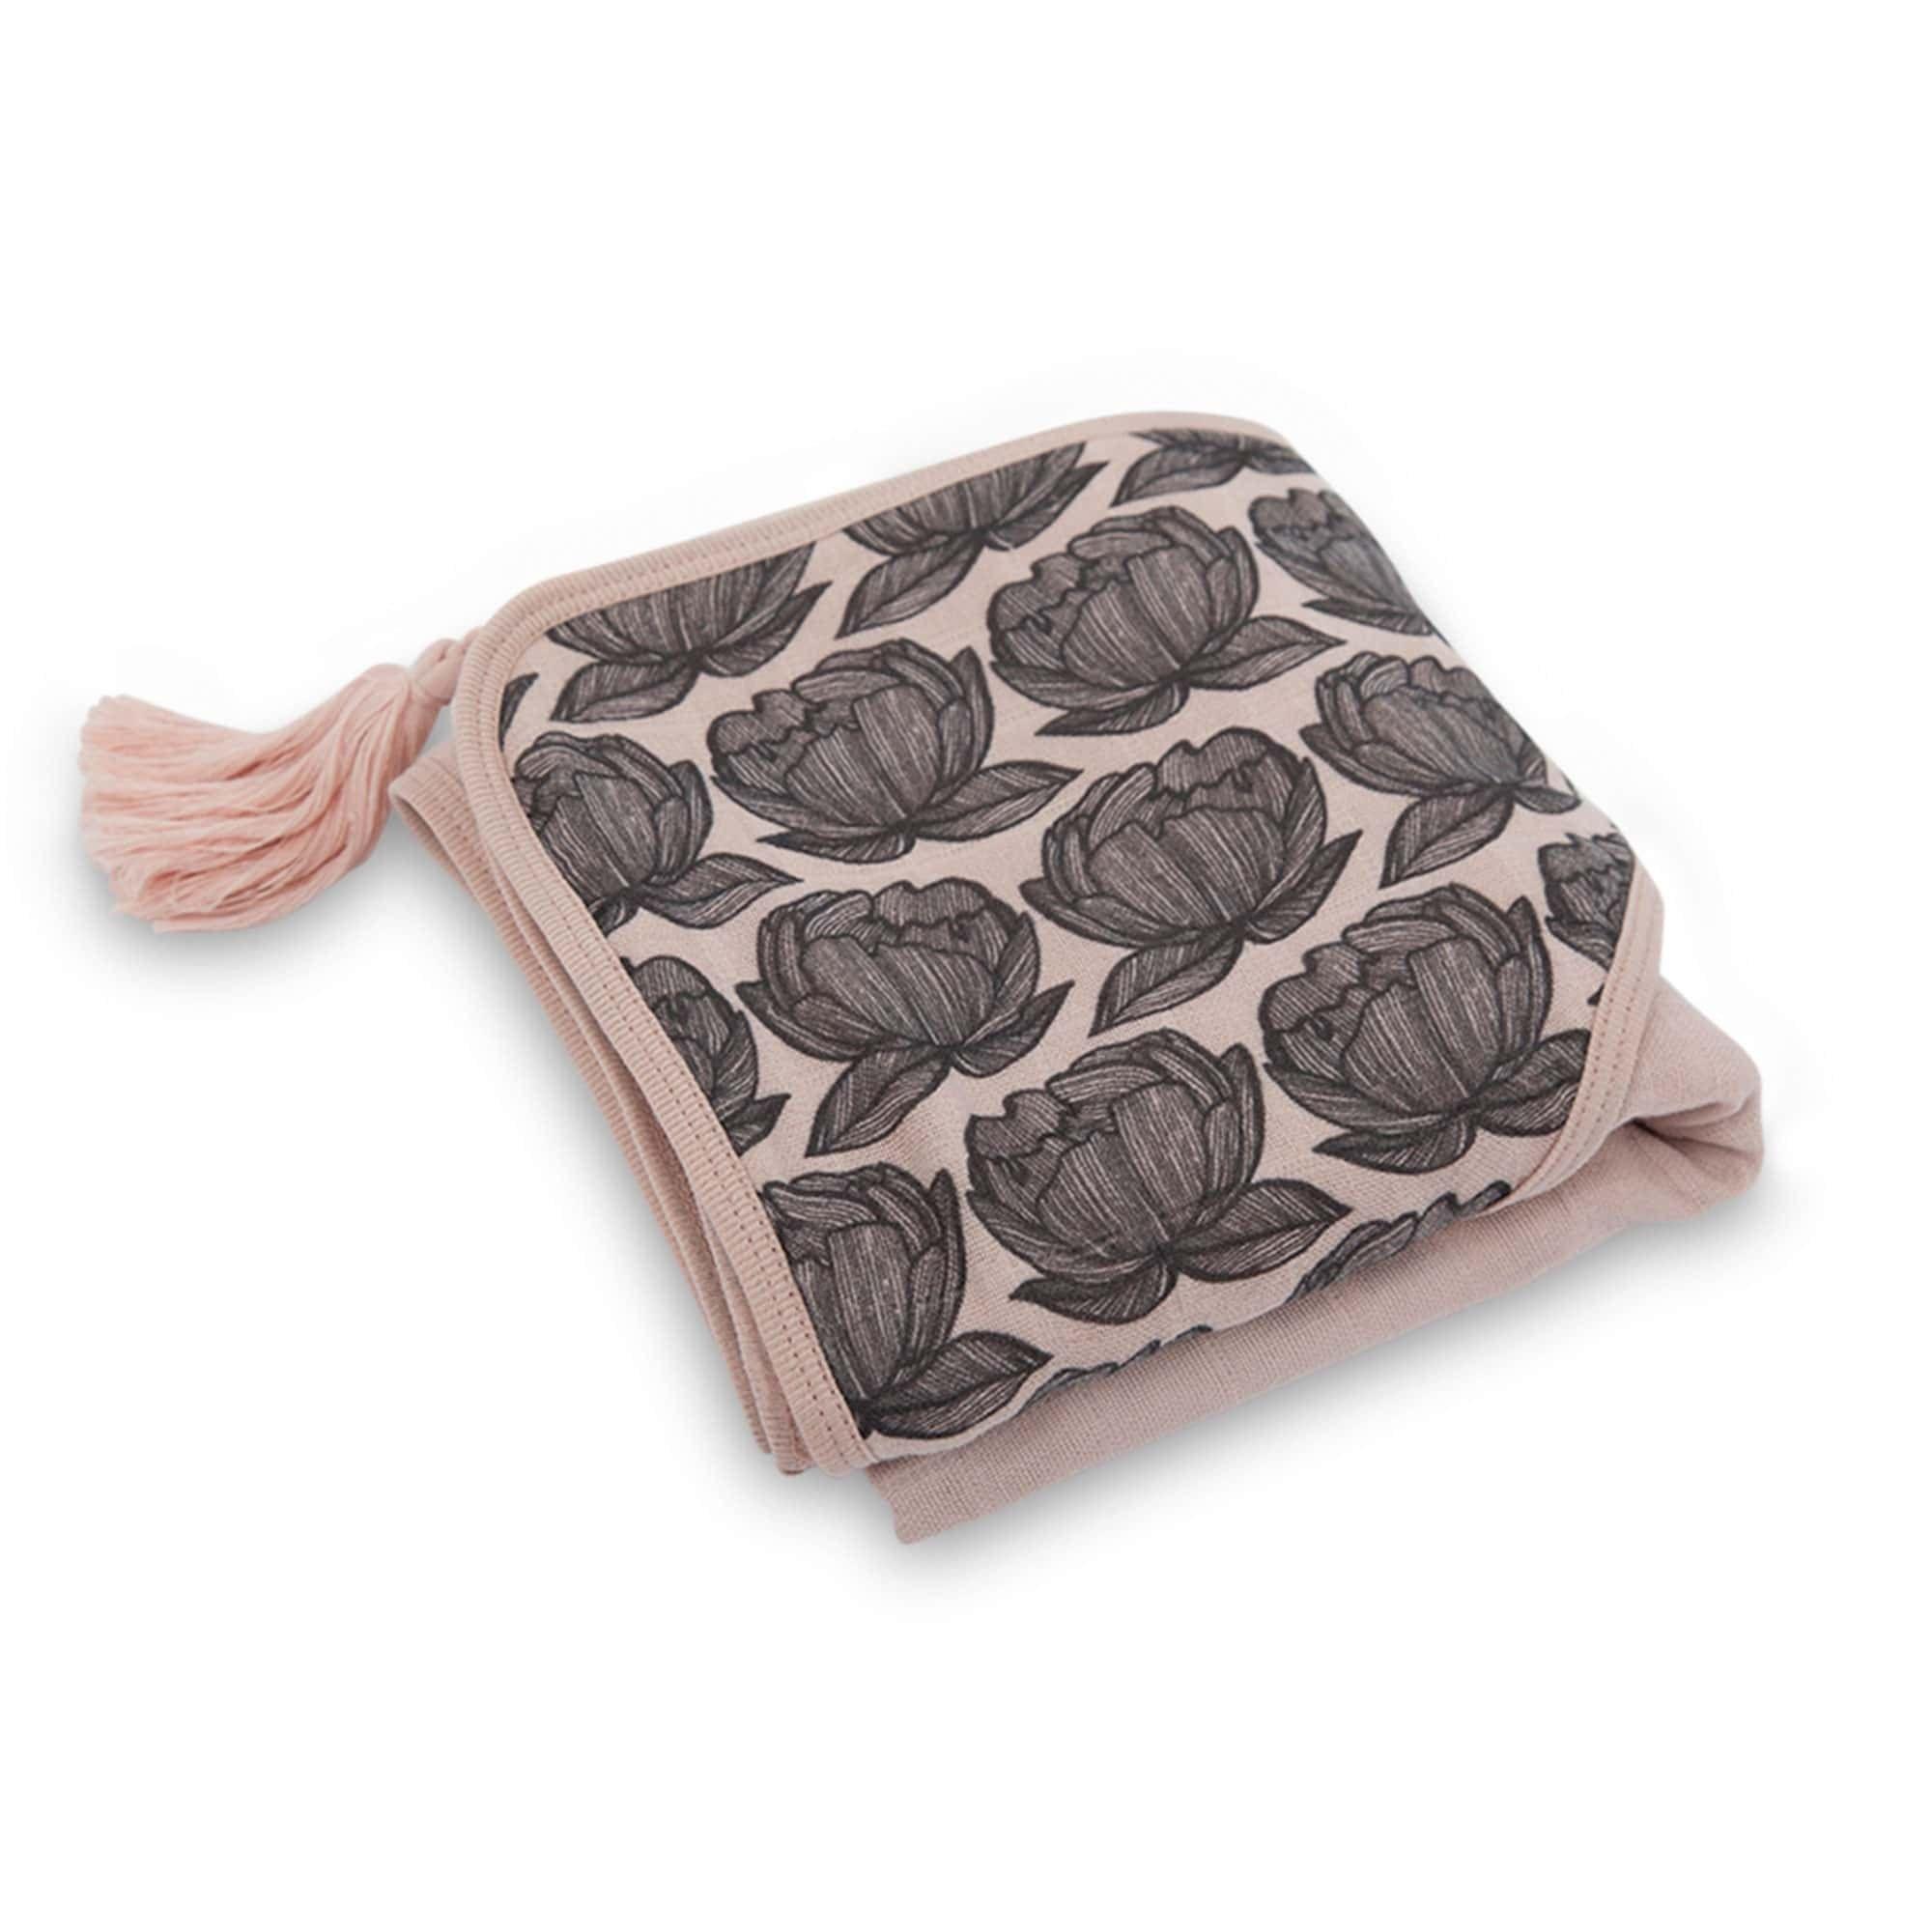 Moumout Pivoines per di rosa Sybel Asciugamano sbiadito con bagno il cappuccio fatto gragScOBw